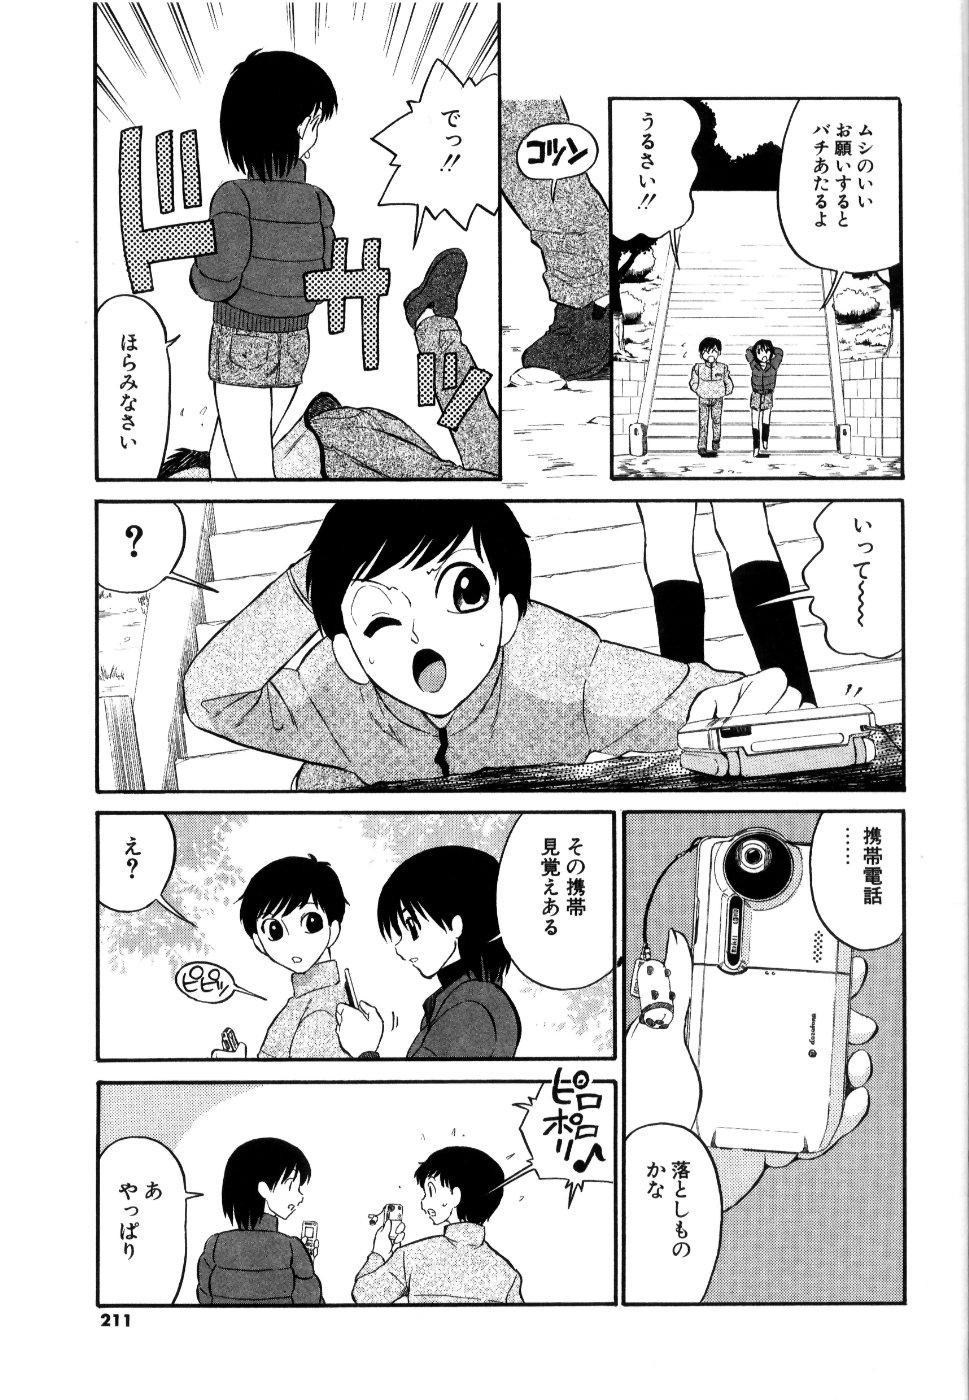 [Dozamura] Doguu -Dozamura Guuwa- Kuro 211